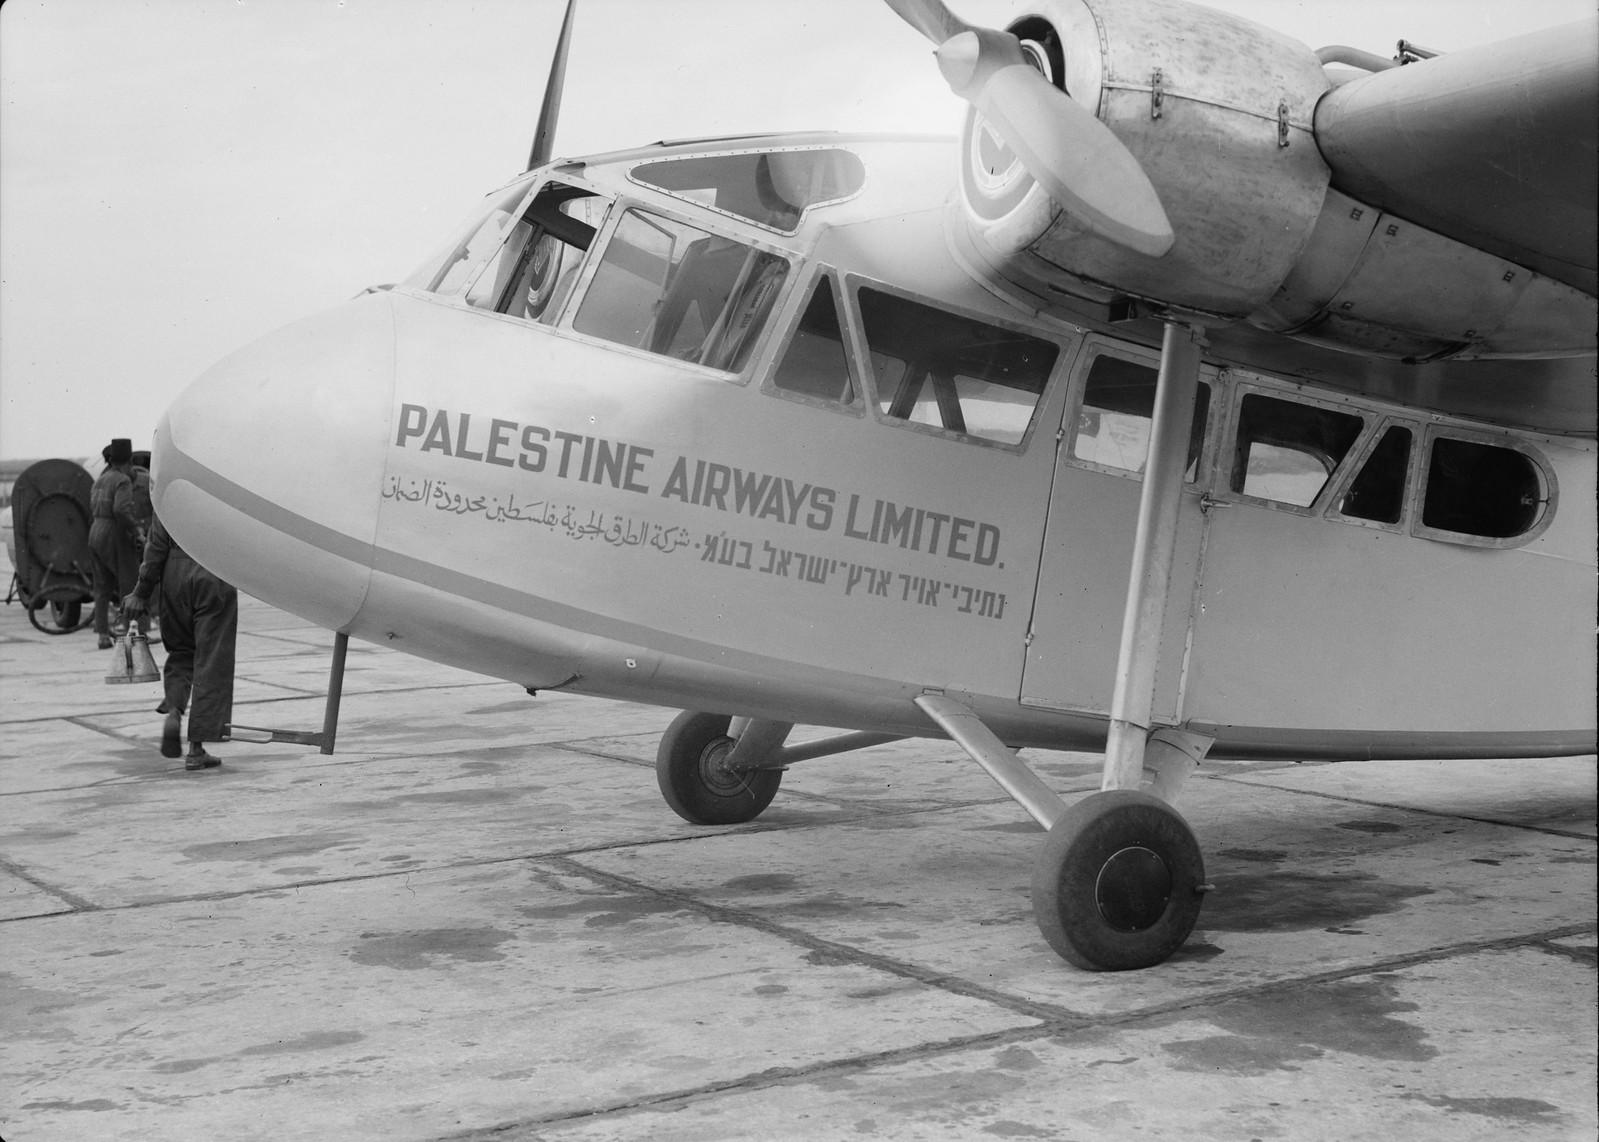 03. Самолет «Палестинских авиалиний» перед зданием аэропорта (крупный план)